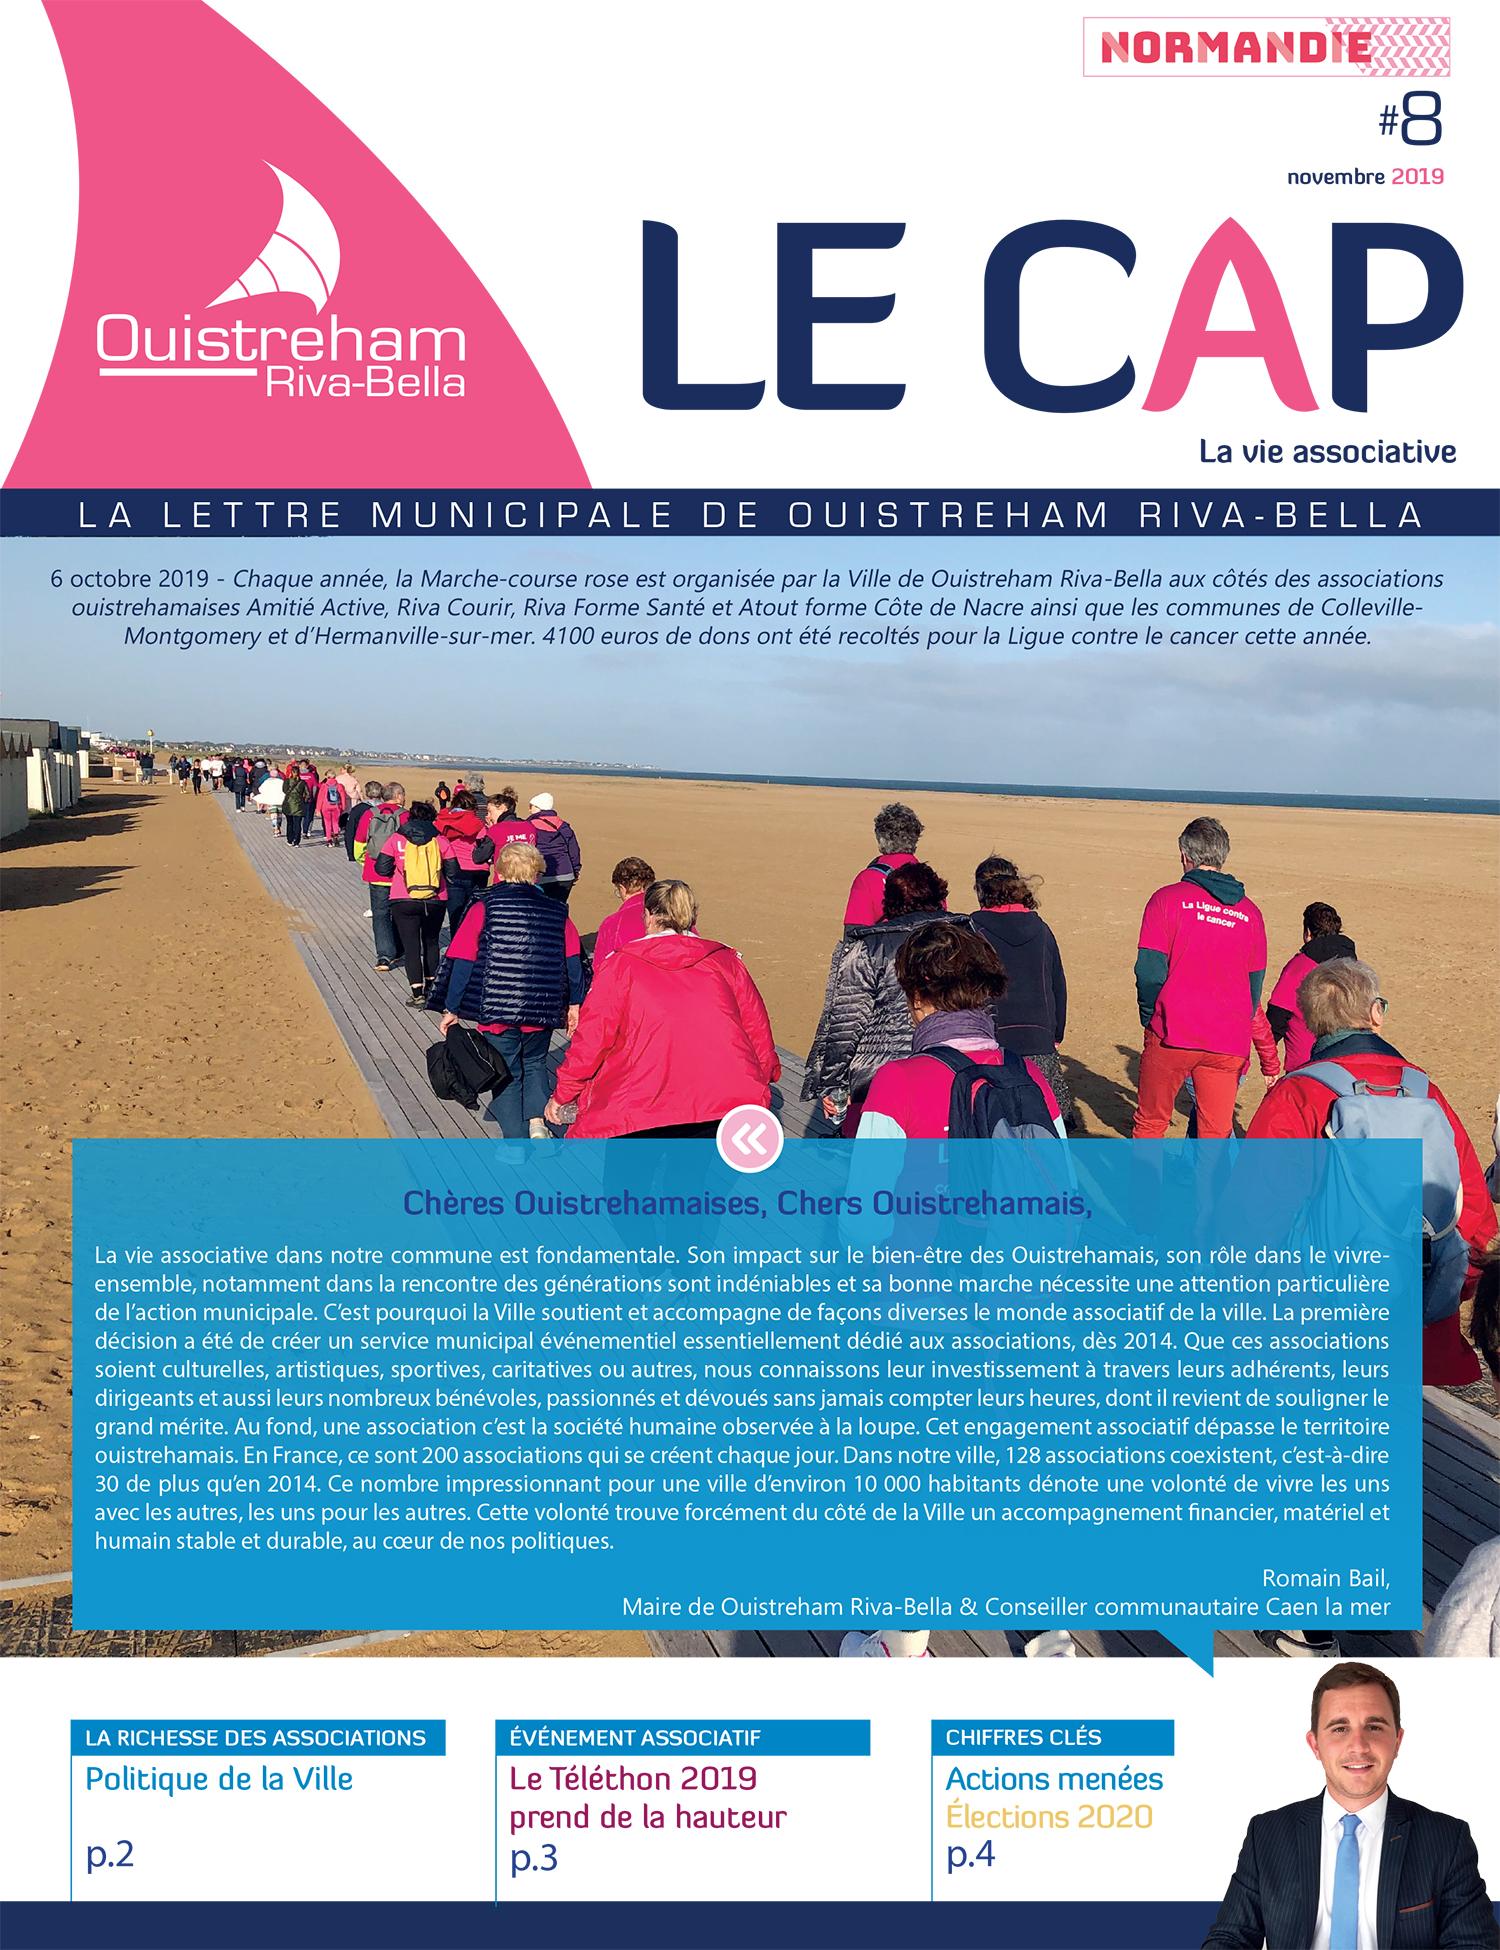 Cap n°8 - Novembre 2019